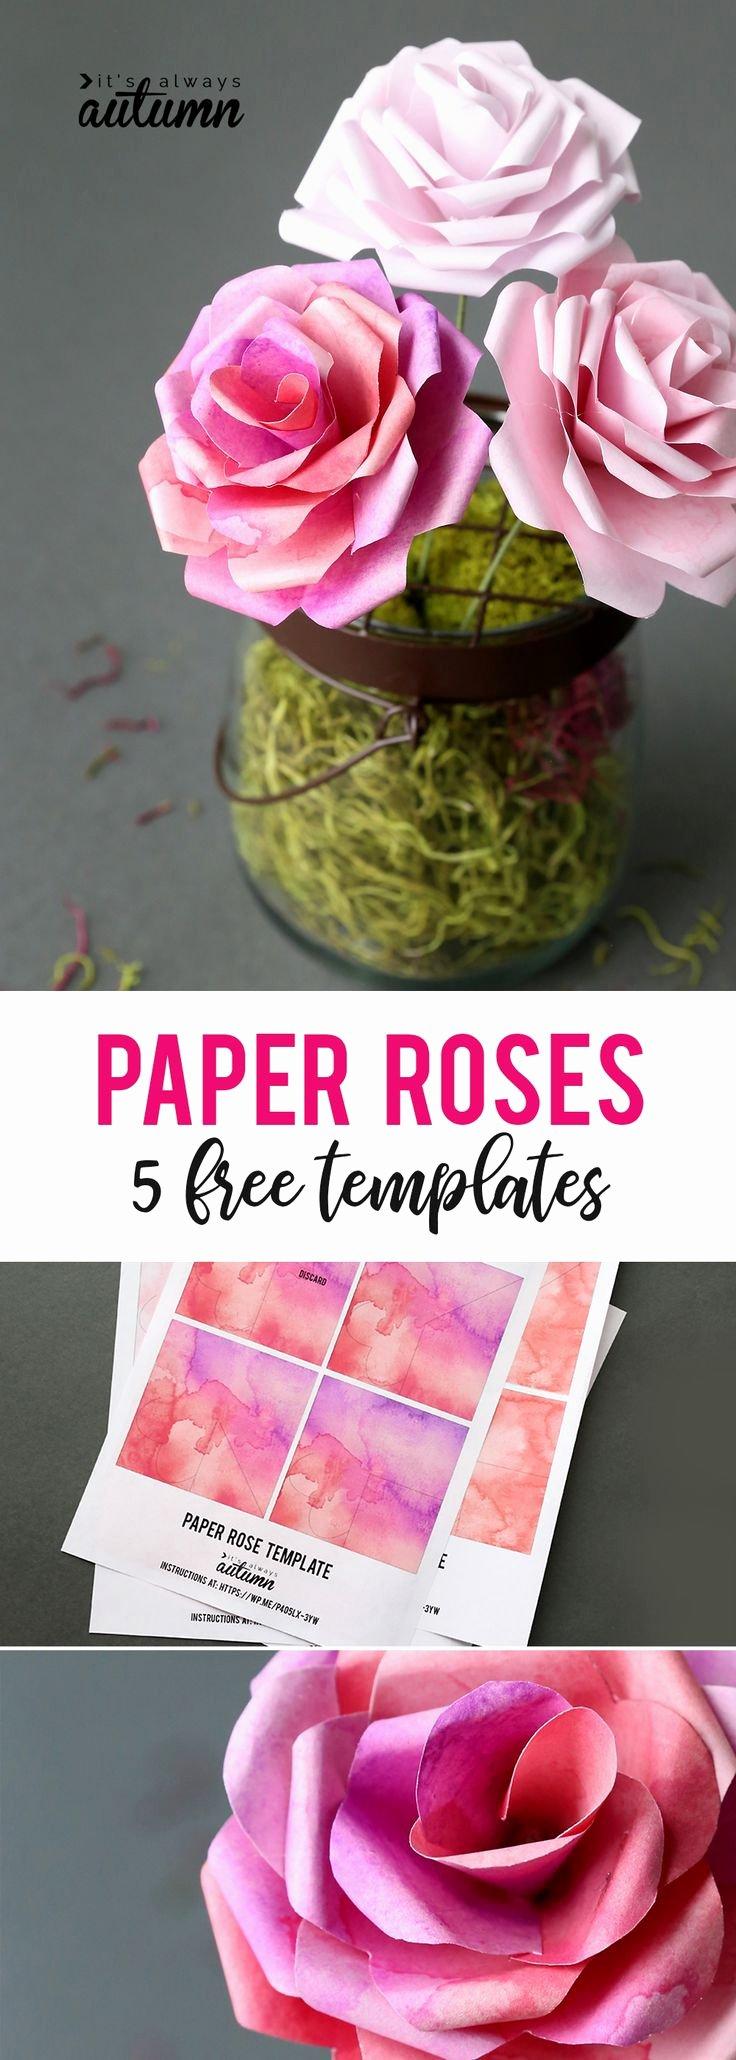 Diy Paper Flower Template Inspirational Best 25 Cookbook Template Ideas On Pinterest